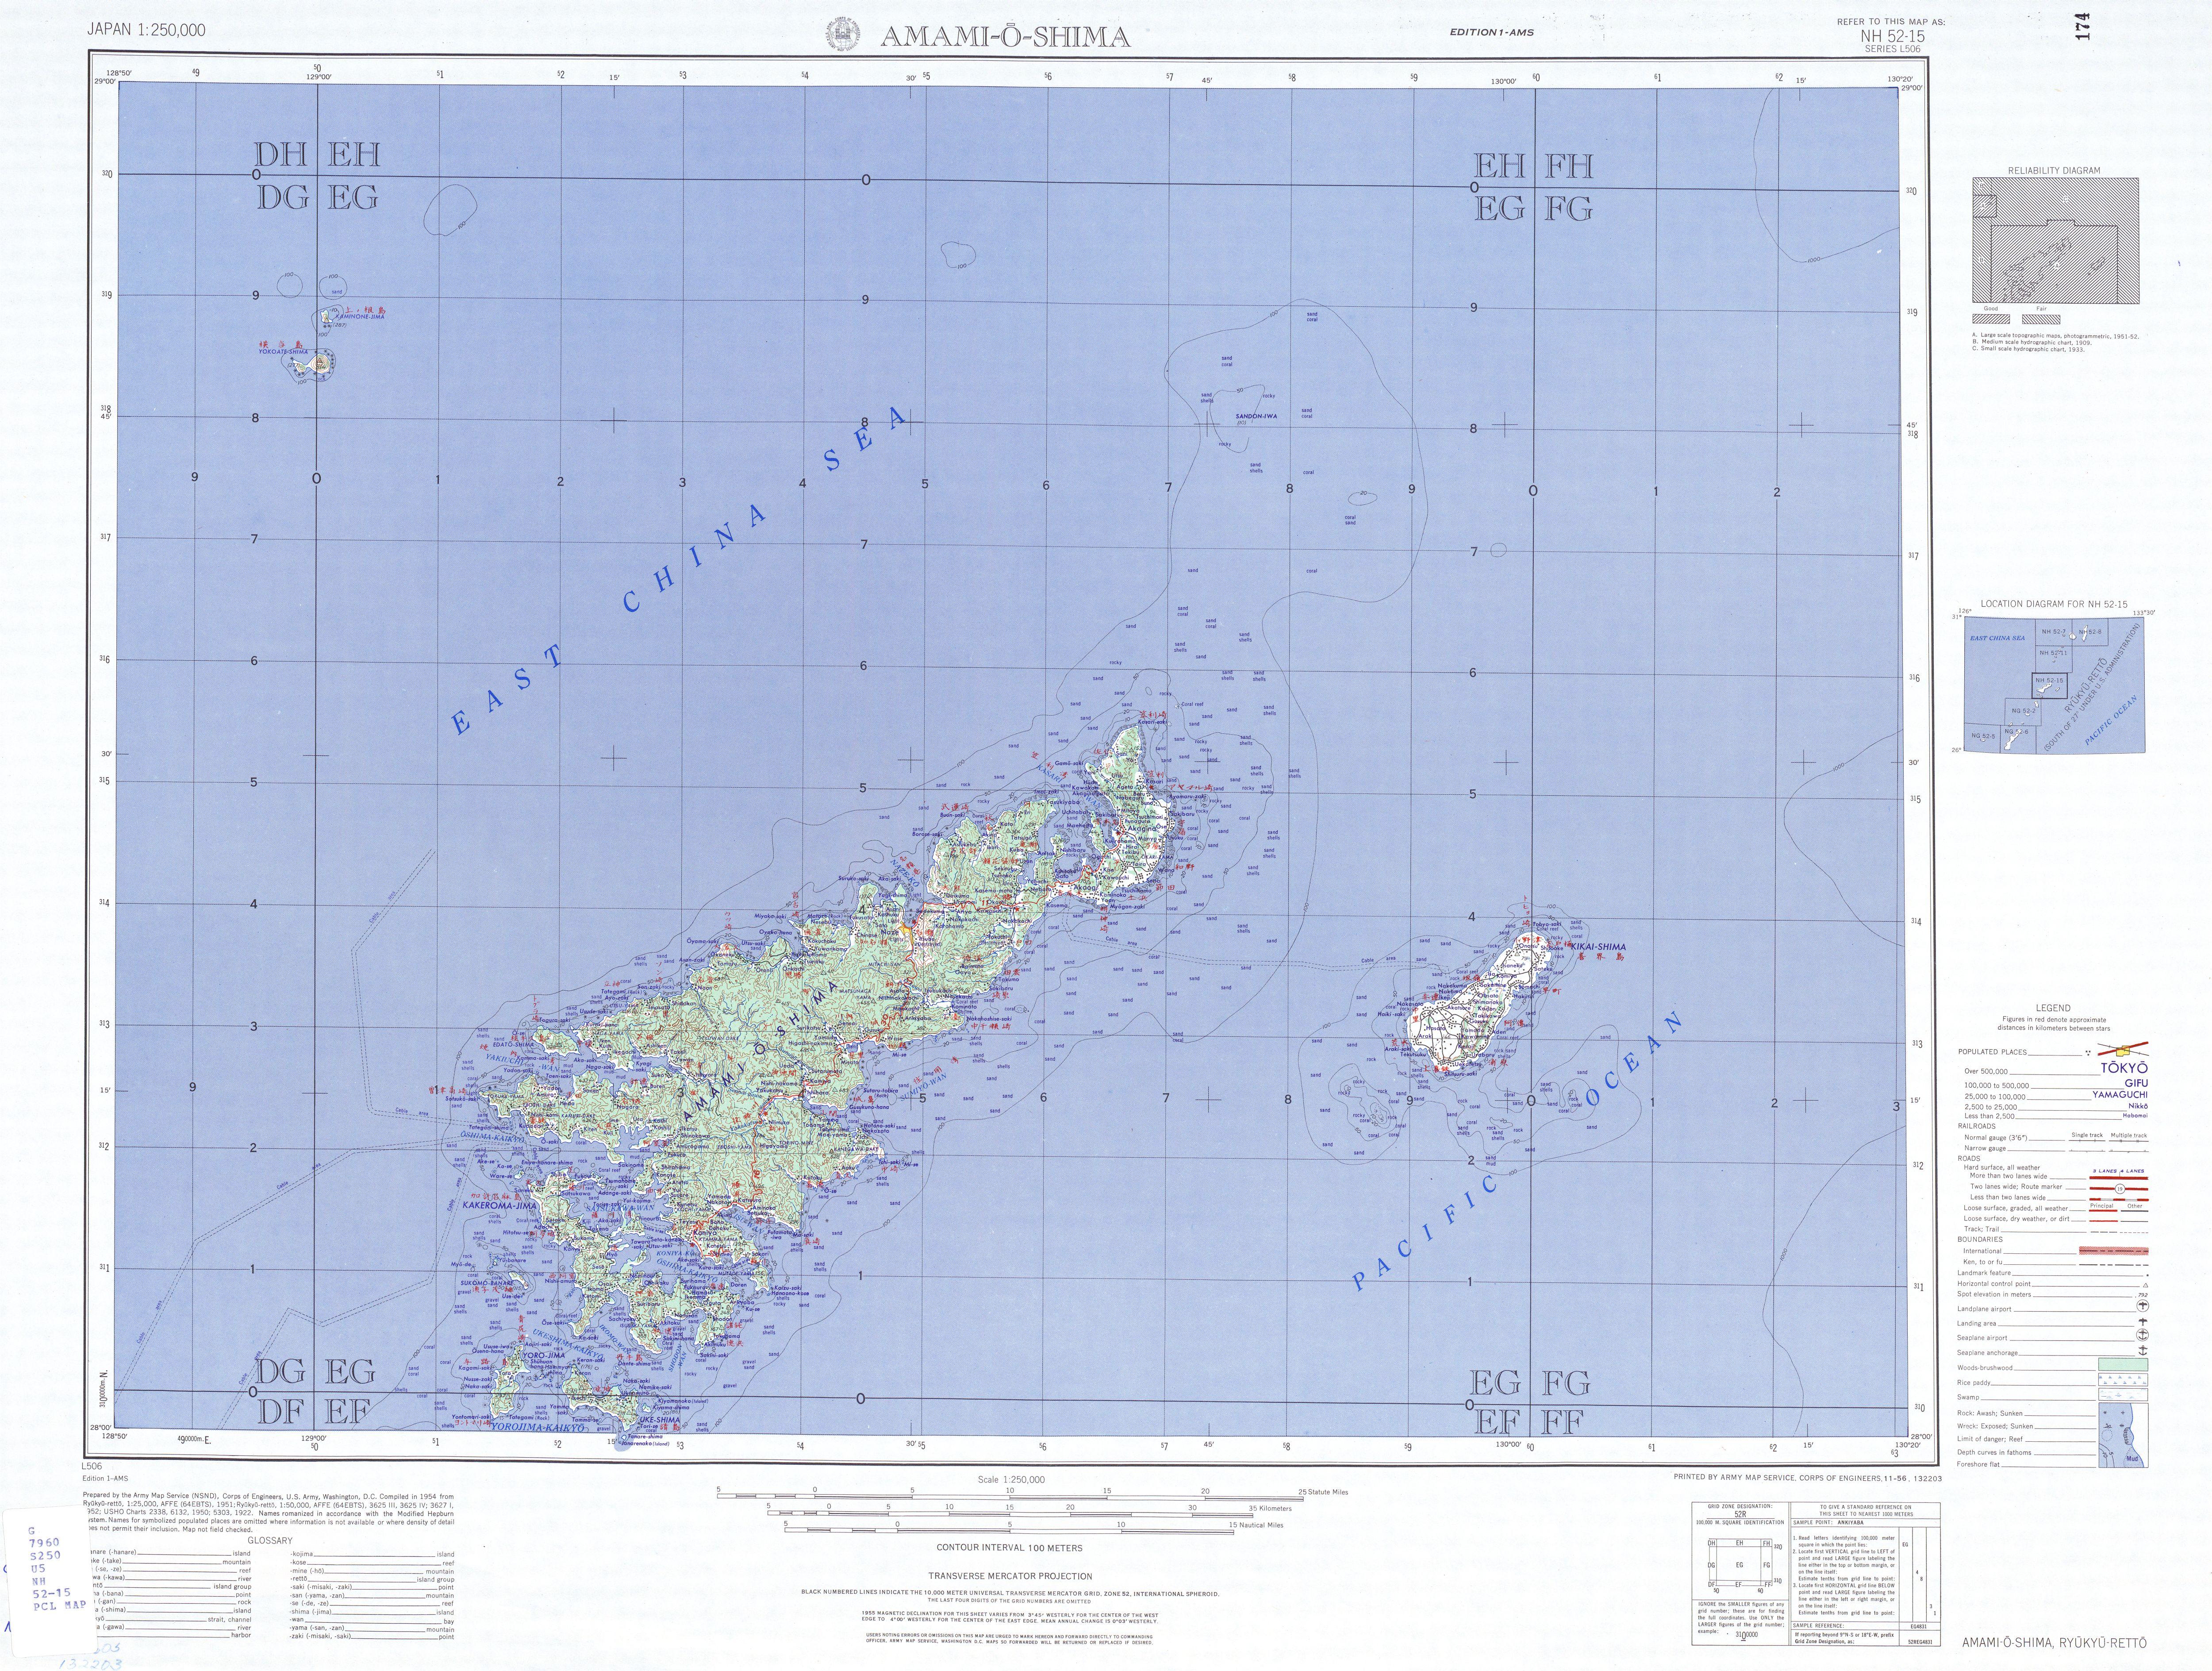 Hoja Amami-O-Shima del Mapa Topográfico de Japón 1954